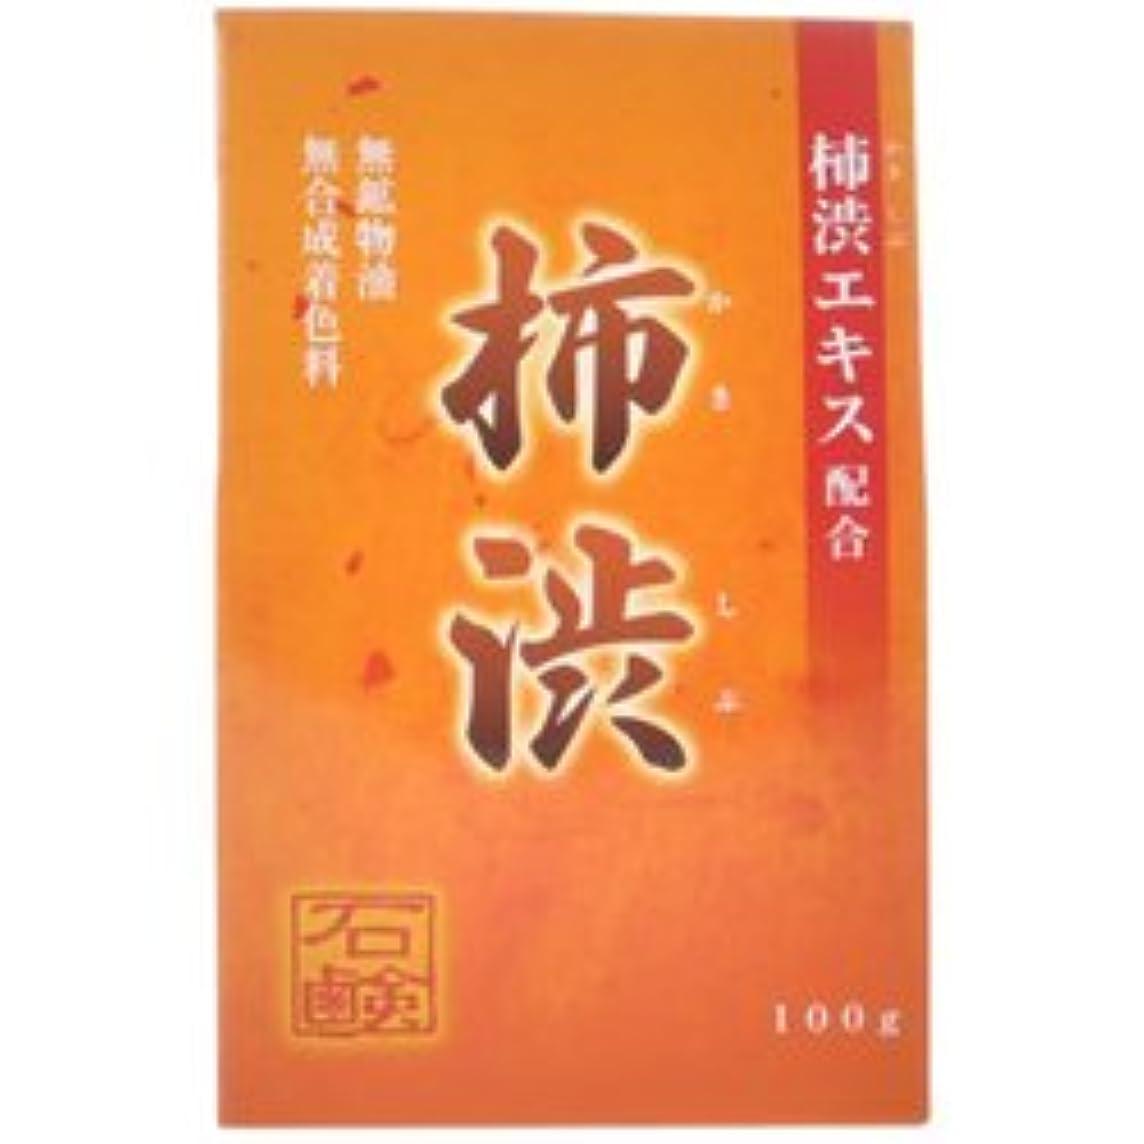 ラインナップ味付け樫の木【アール?エイチ?ビープロダクト】新 柿渋石鹸 100g ×10個セット